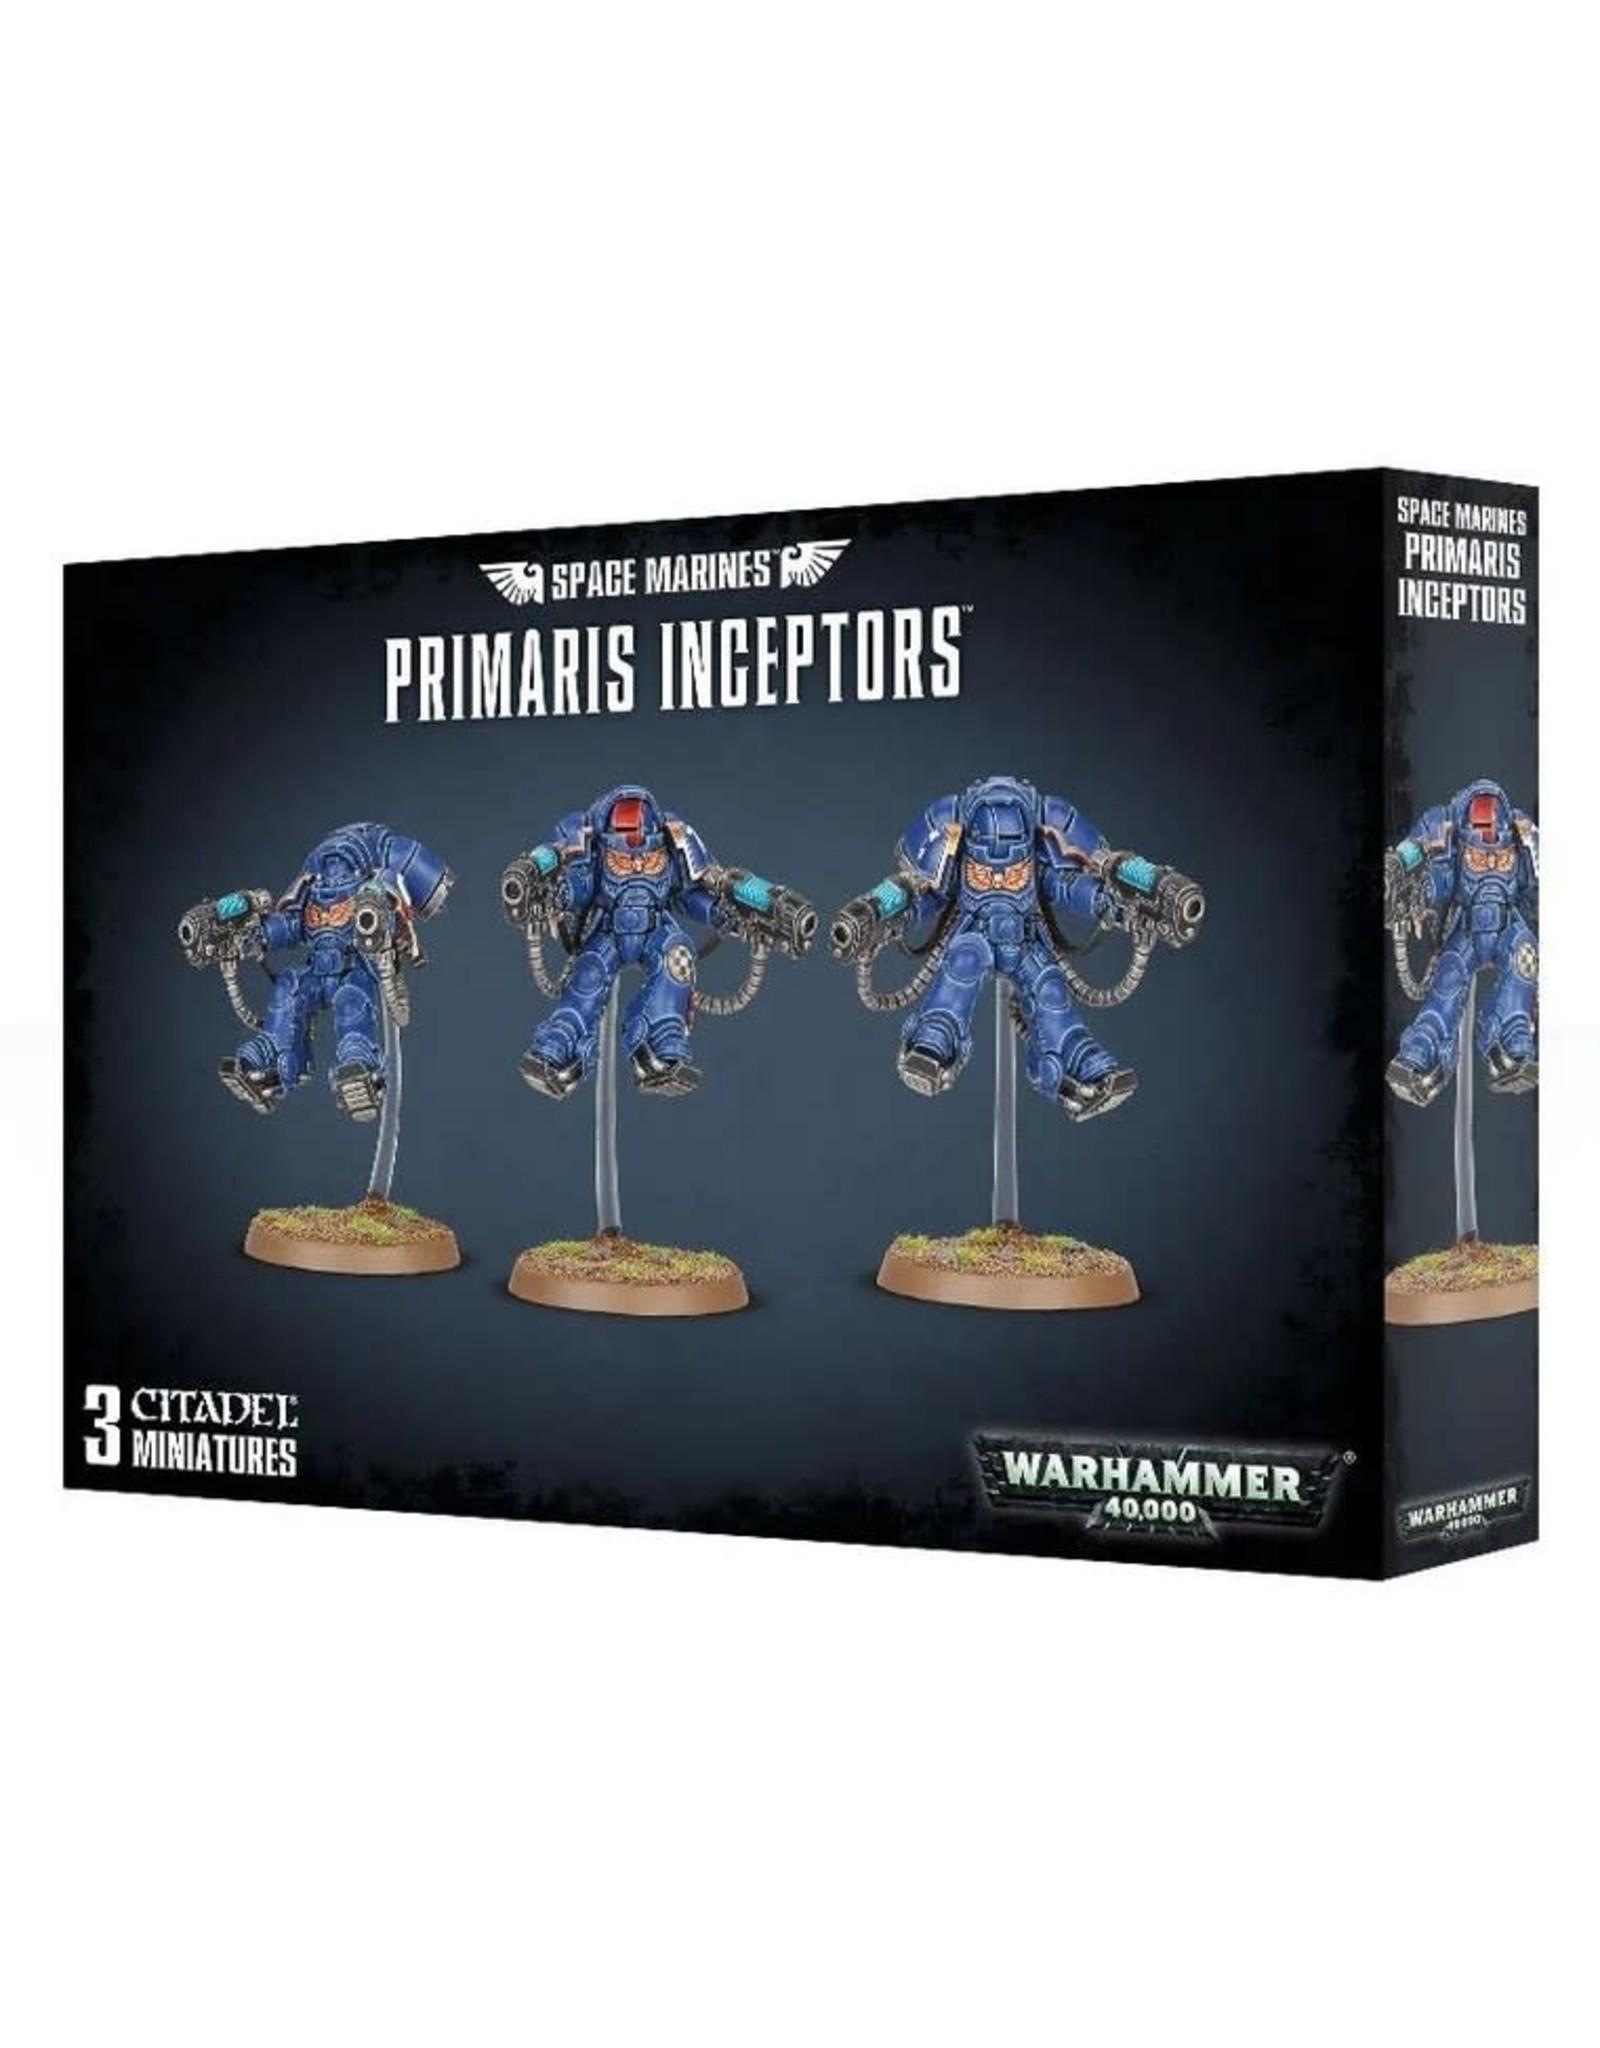 Warhammer 40K WH40K Space Marine Primaris Inceptors